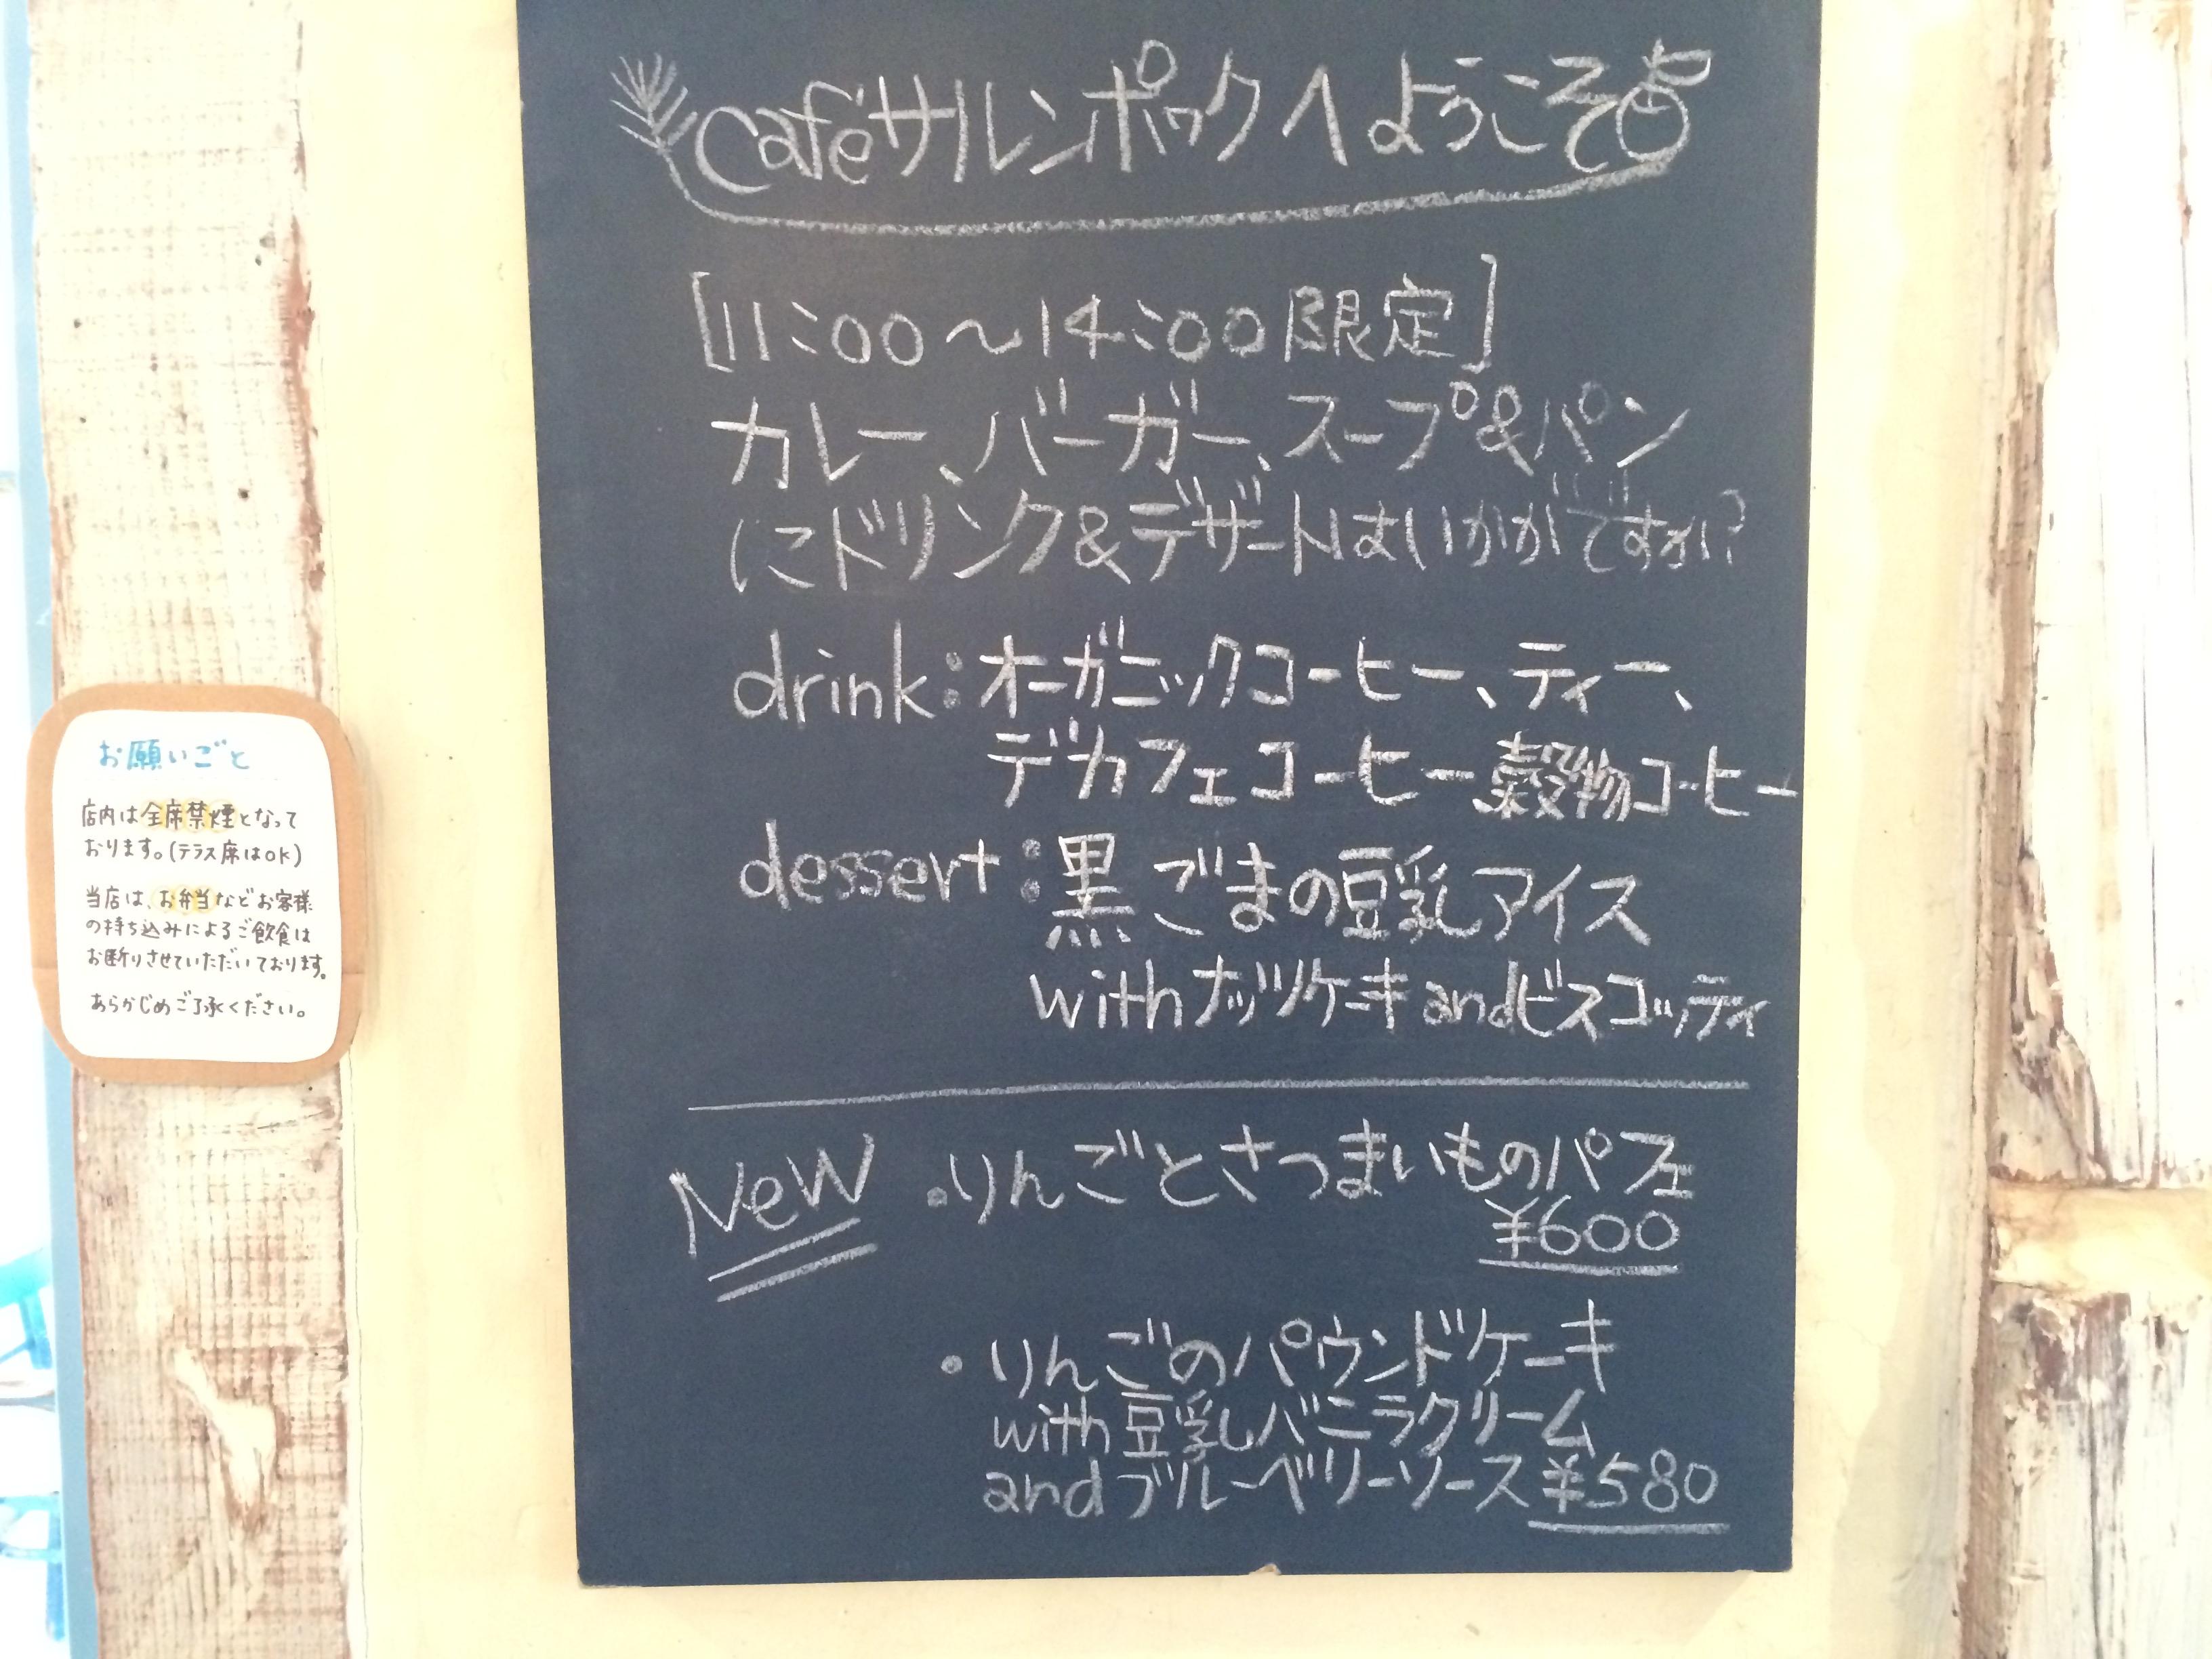 サルンポヮク黒板